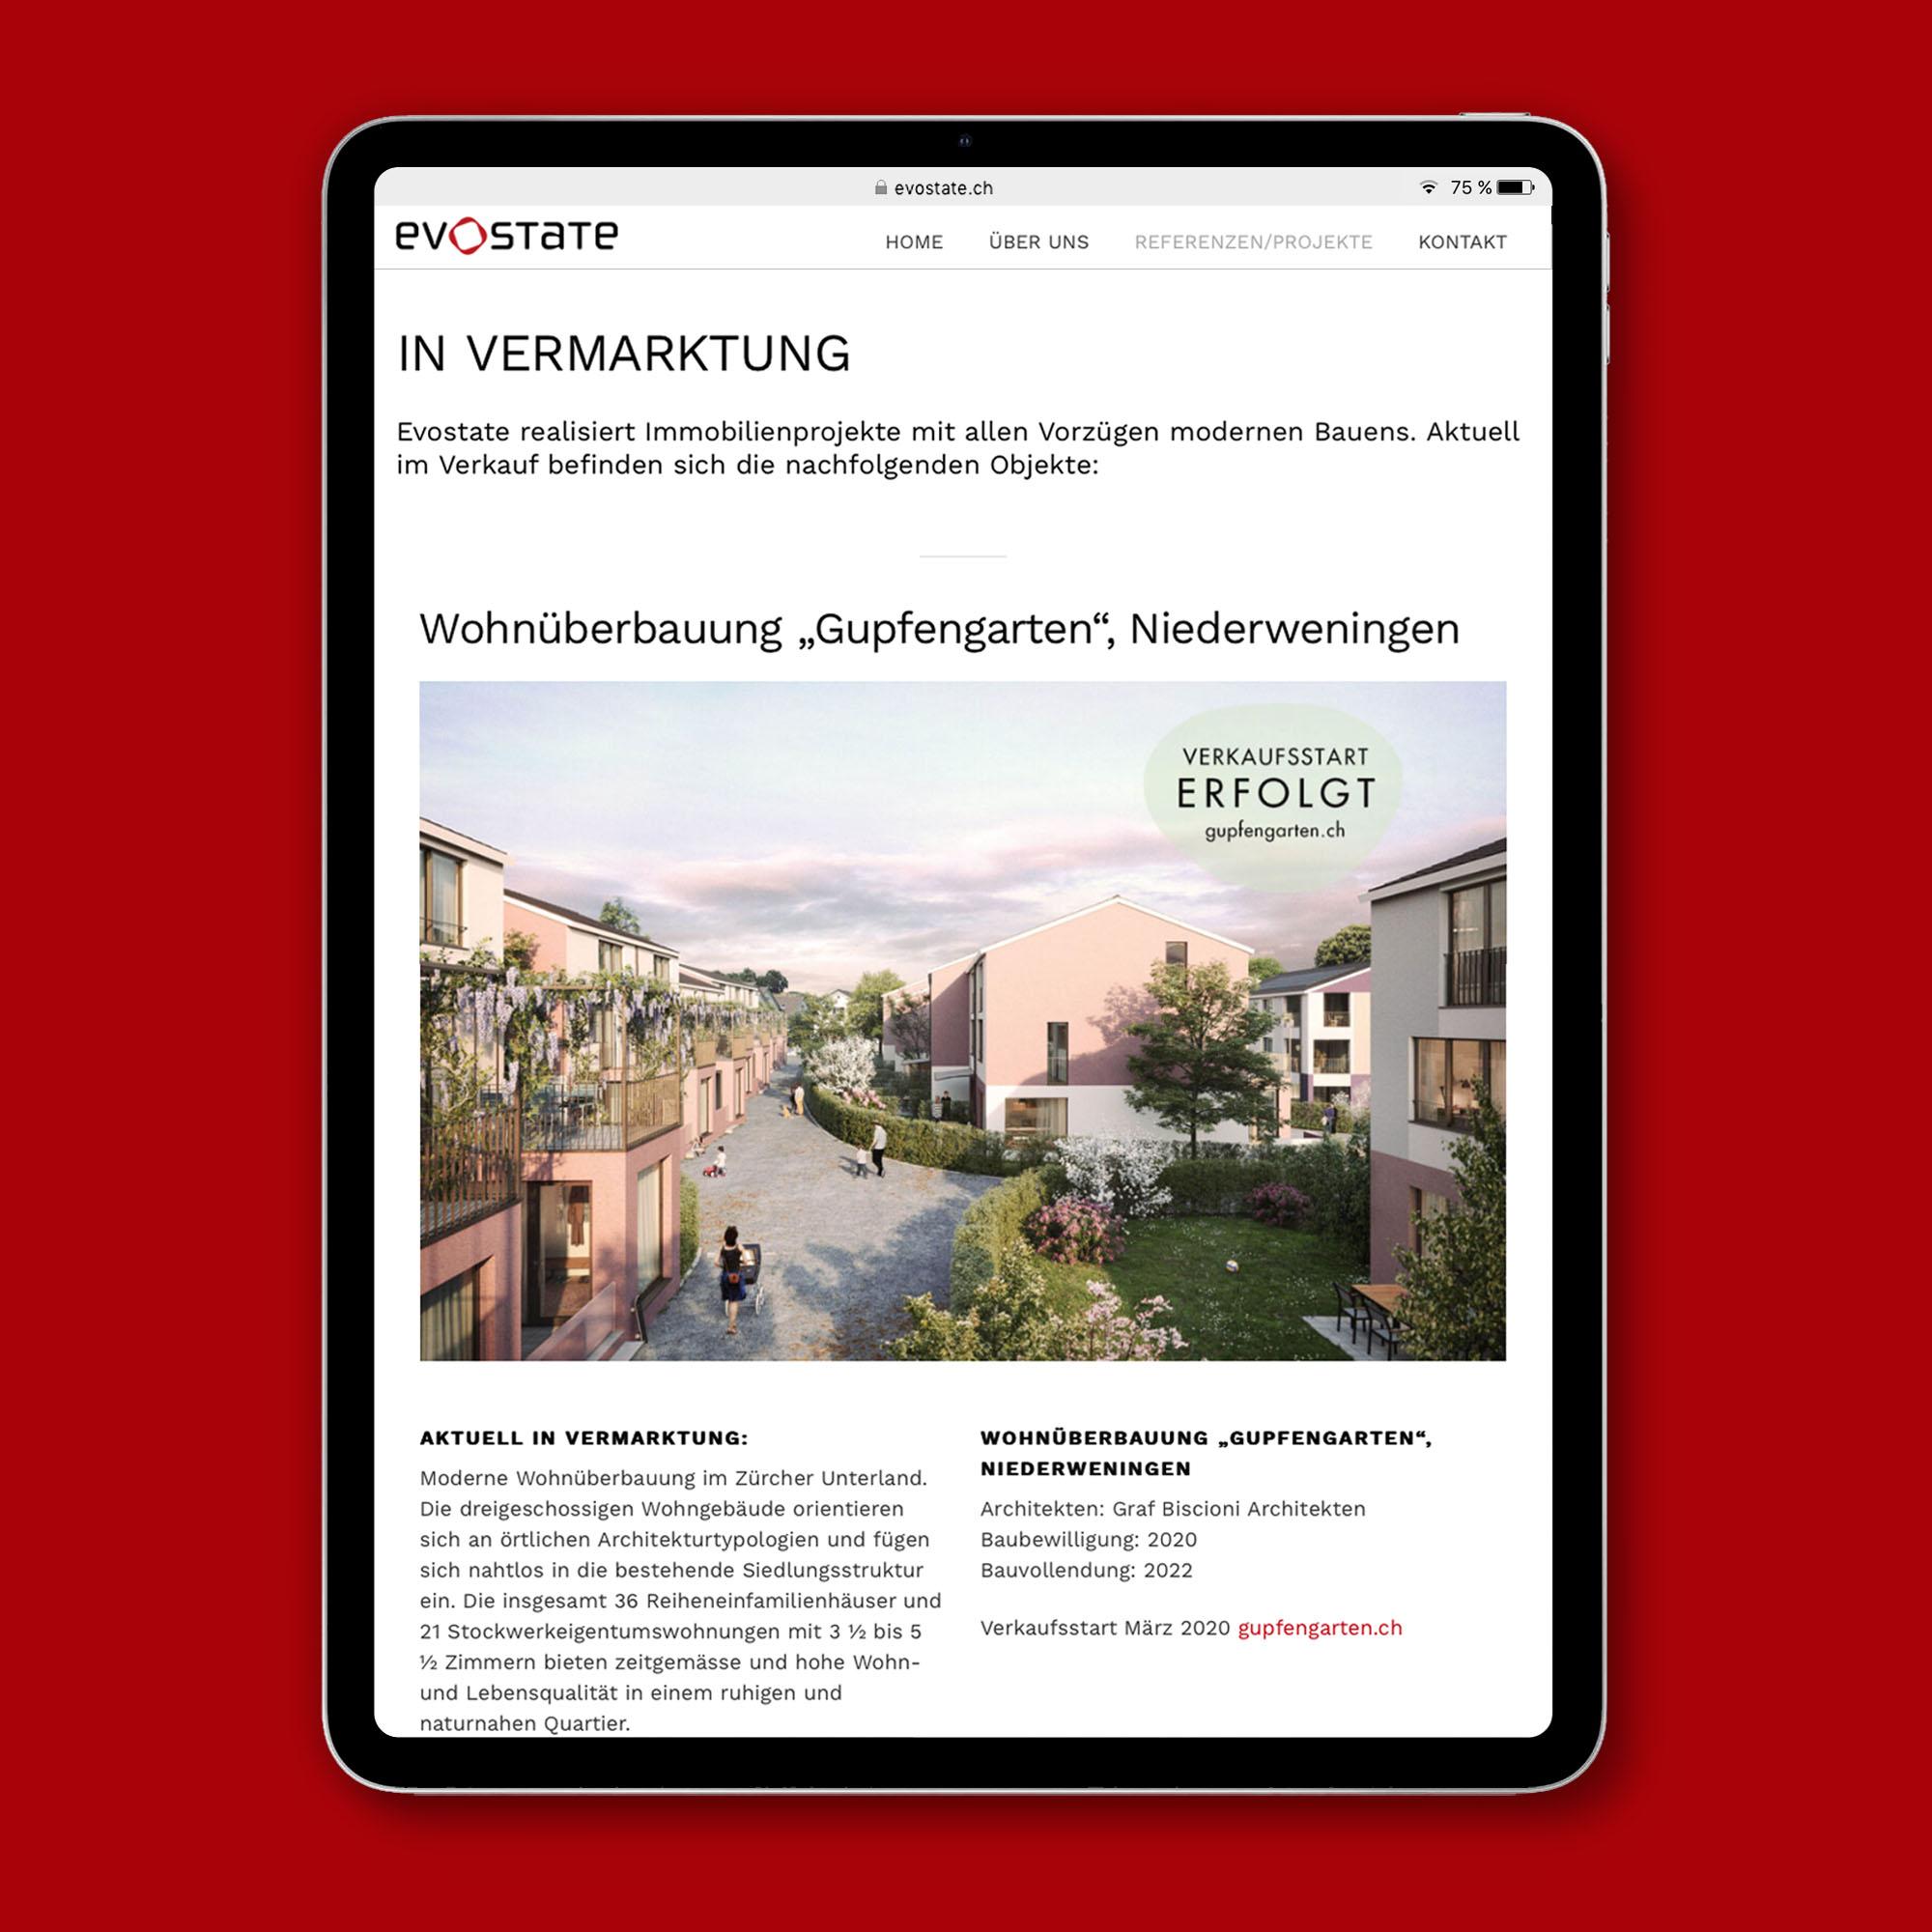 Evostate_iPad_5